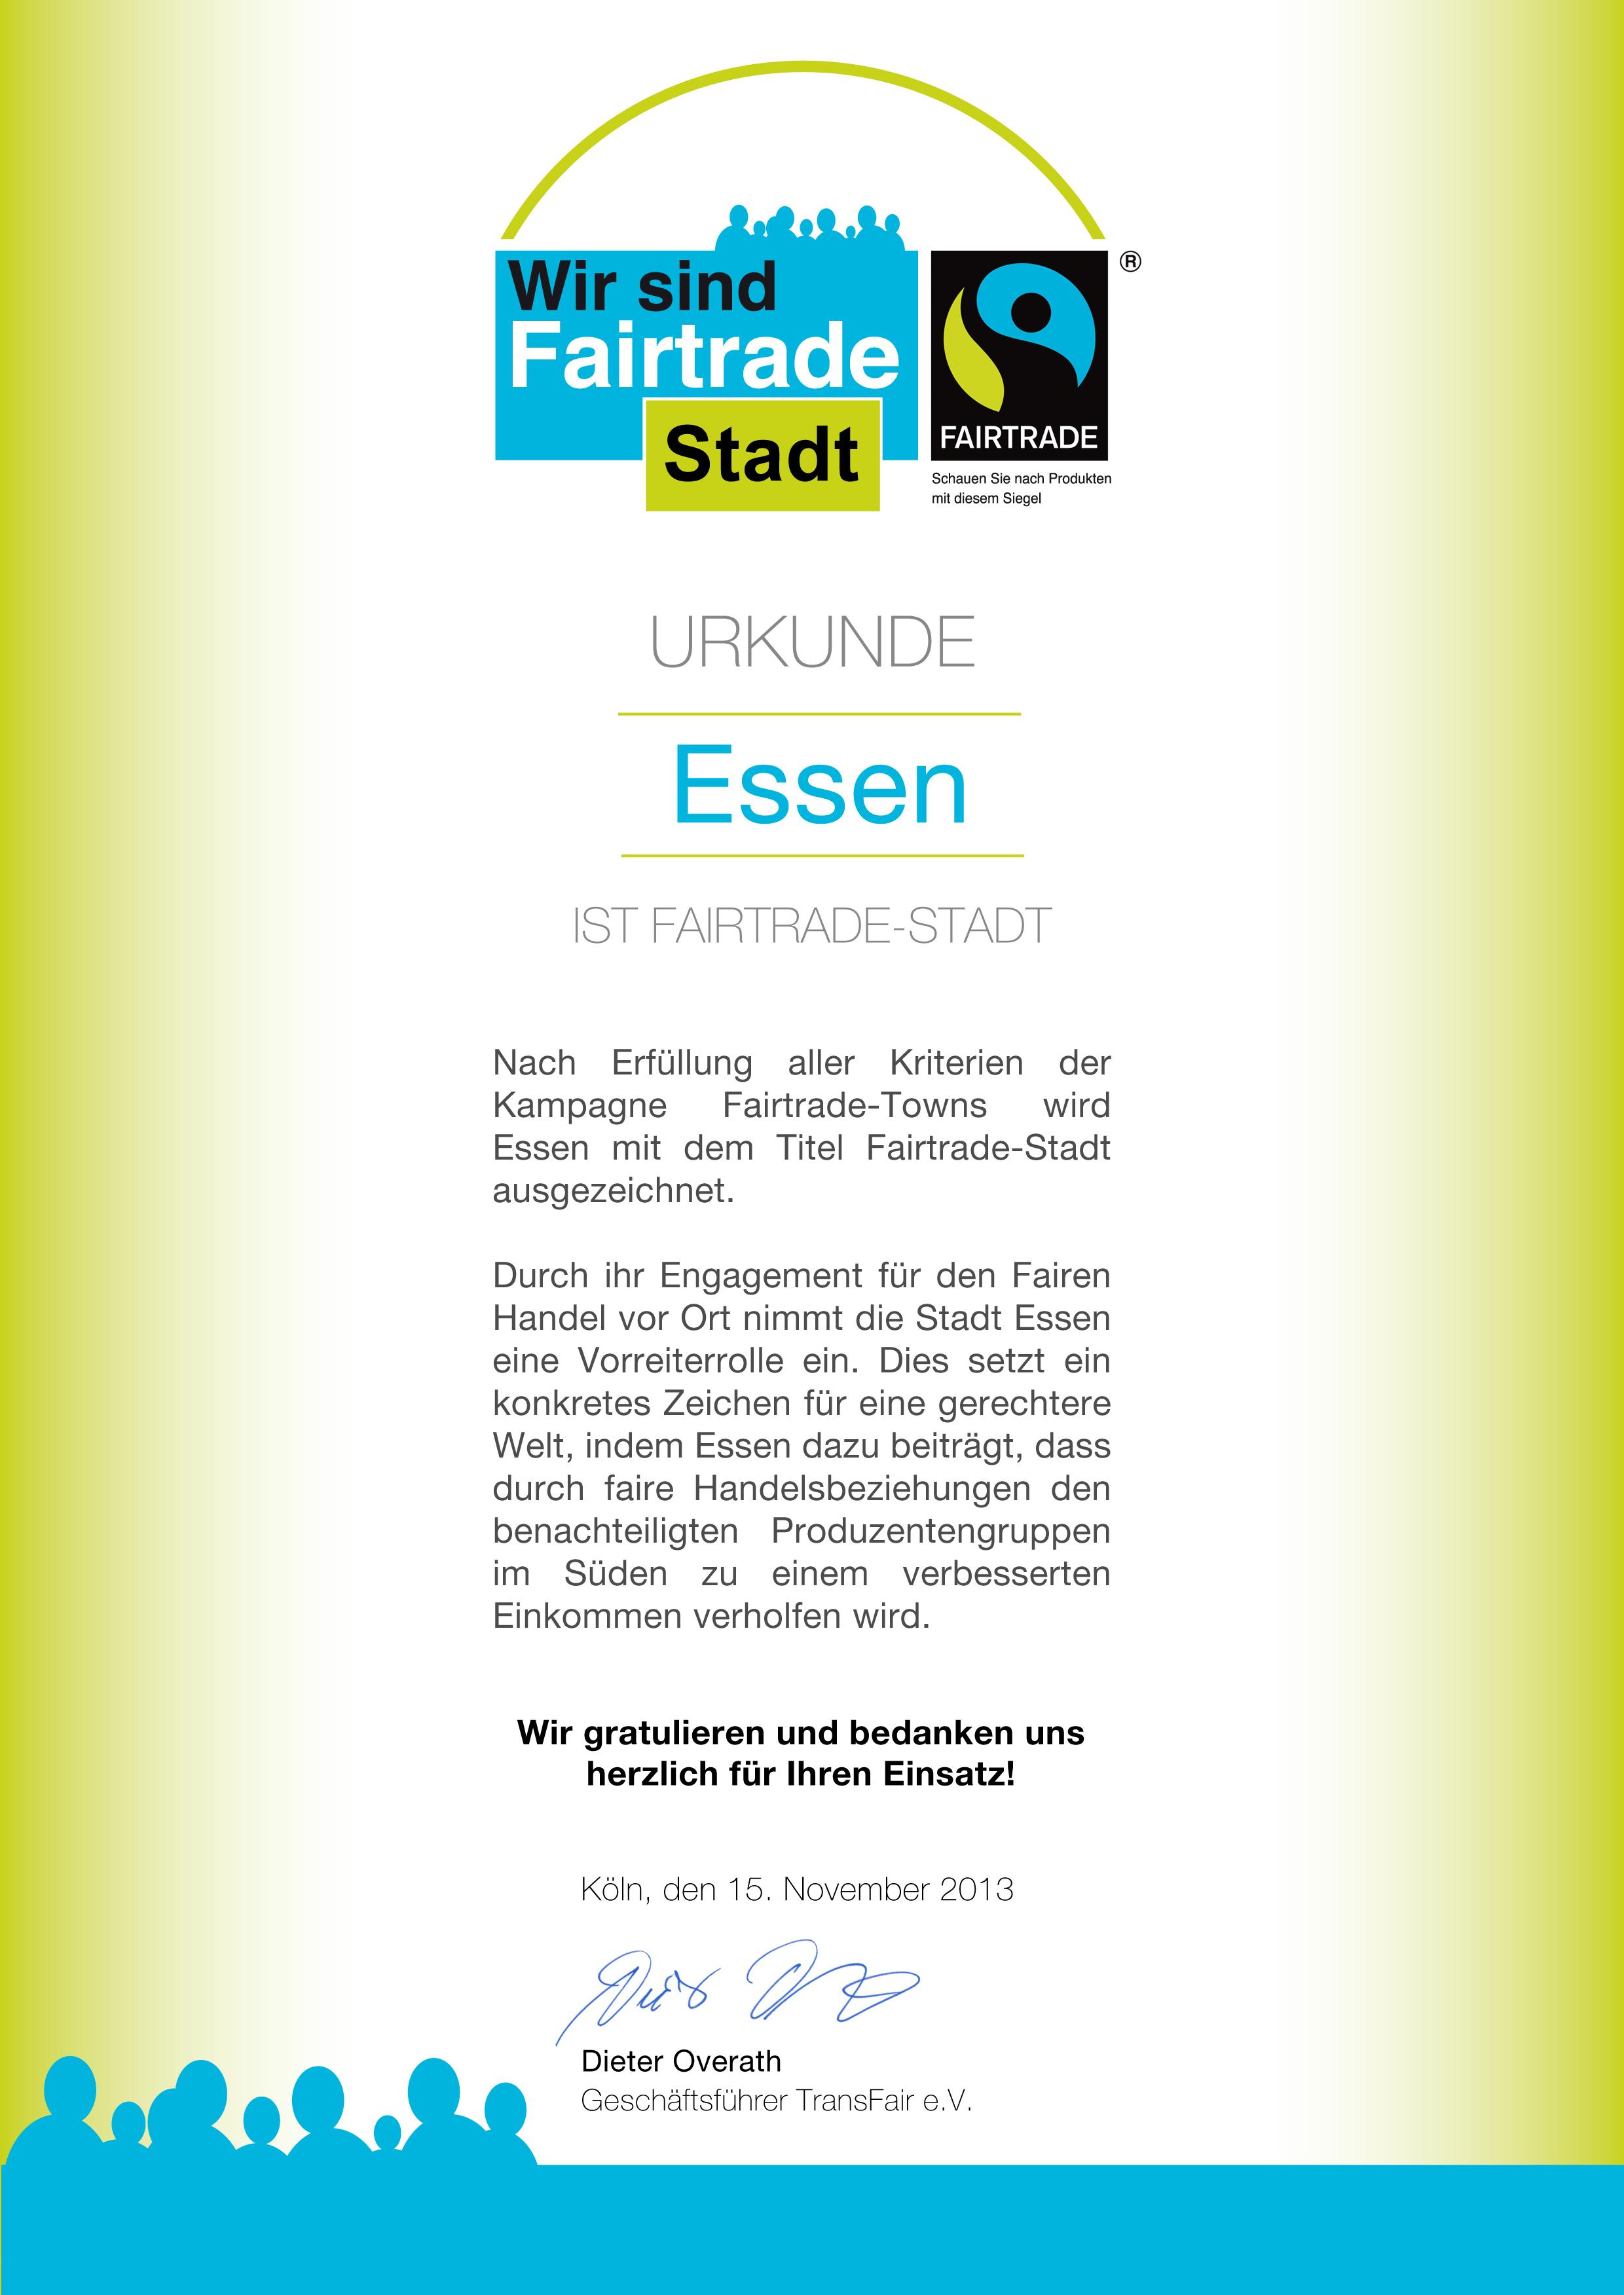 Urkunde: Essen ist Fairtrade-Stadt 2013